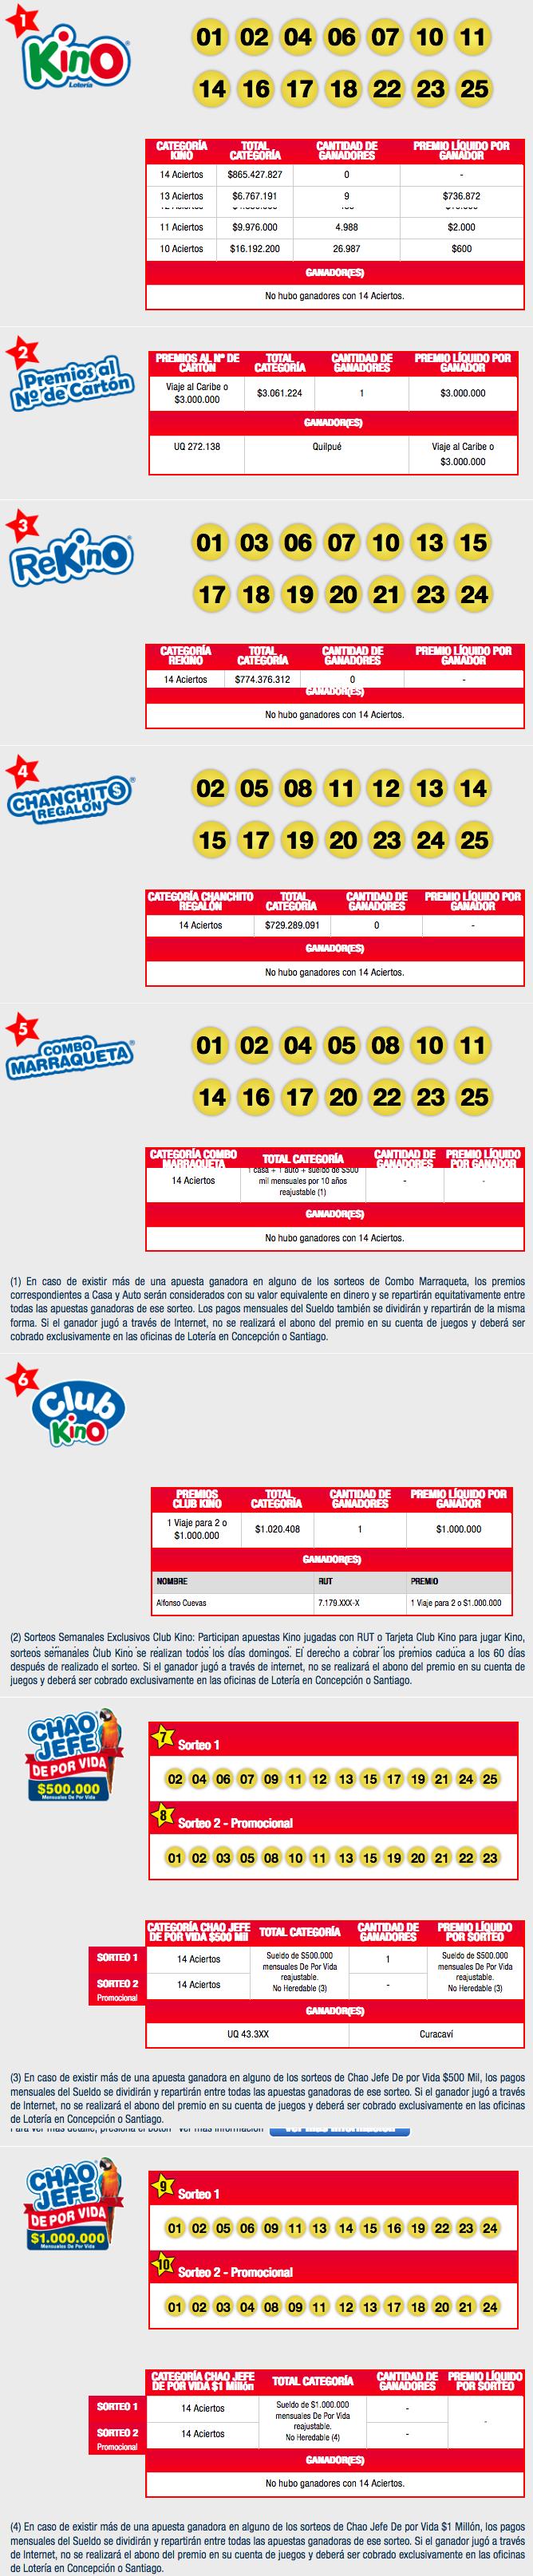 Resultados Kino Chile Sorteo 2119